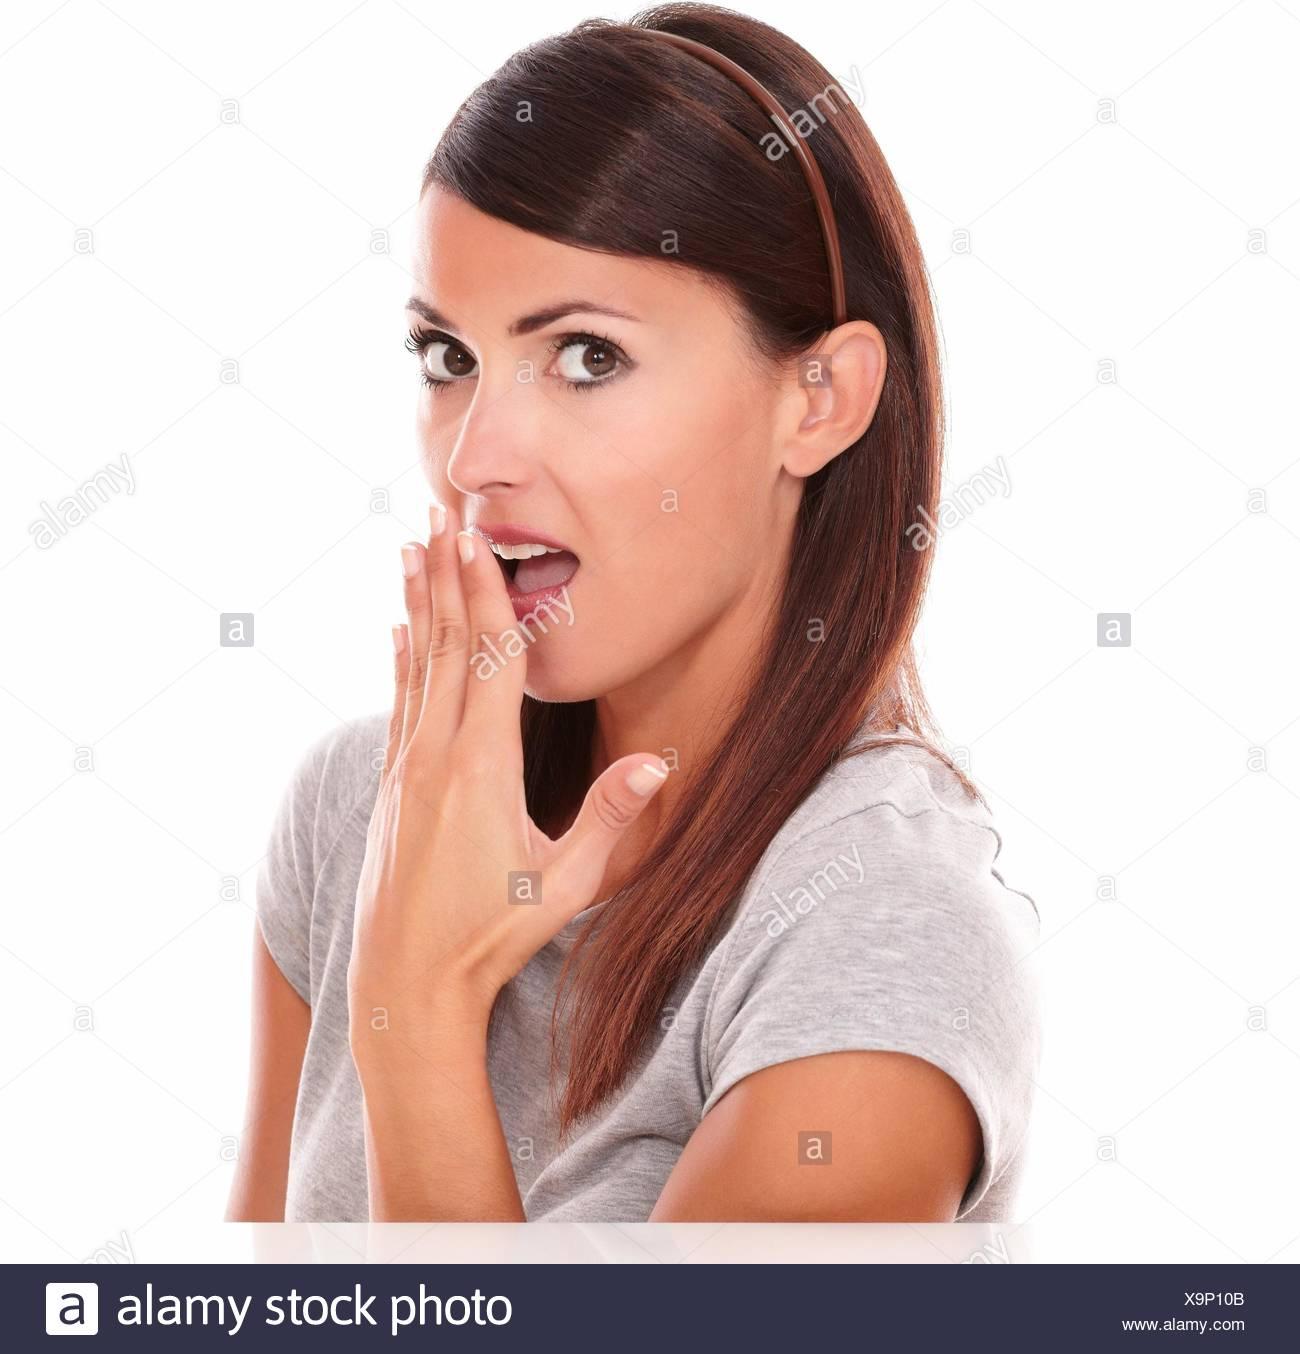 Portrait de femme latine adultes avec geste gêné regarde isolées sur fond blanc. Photo Stock